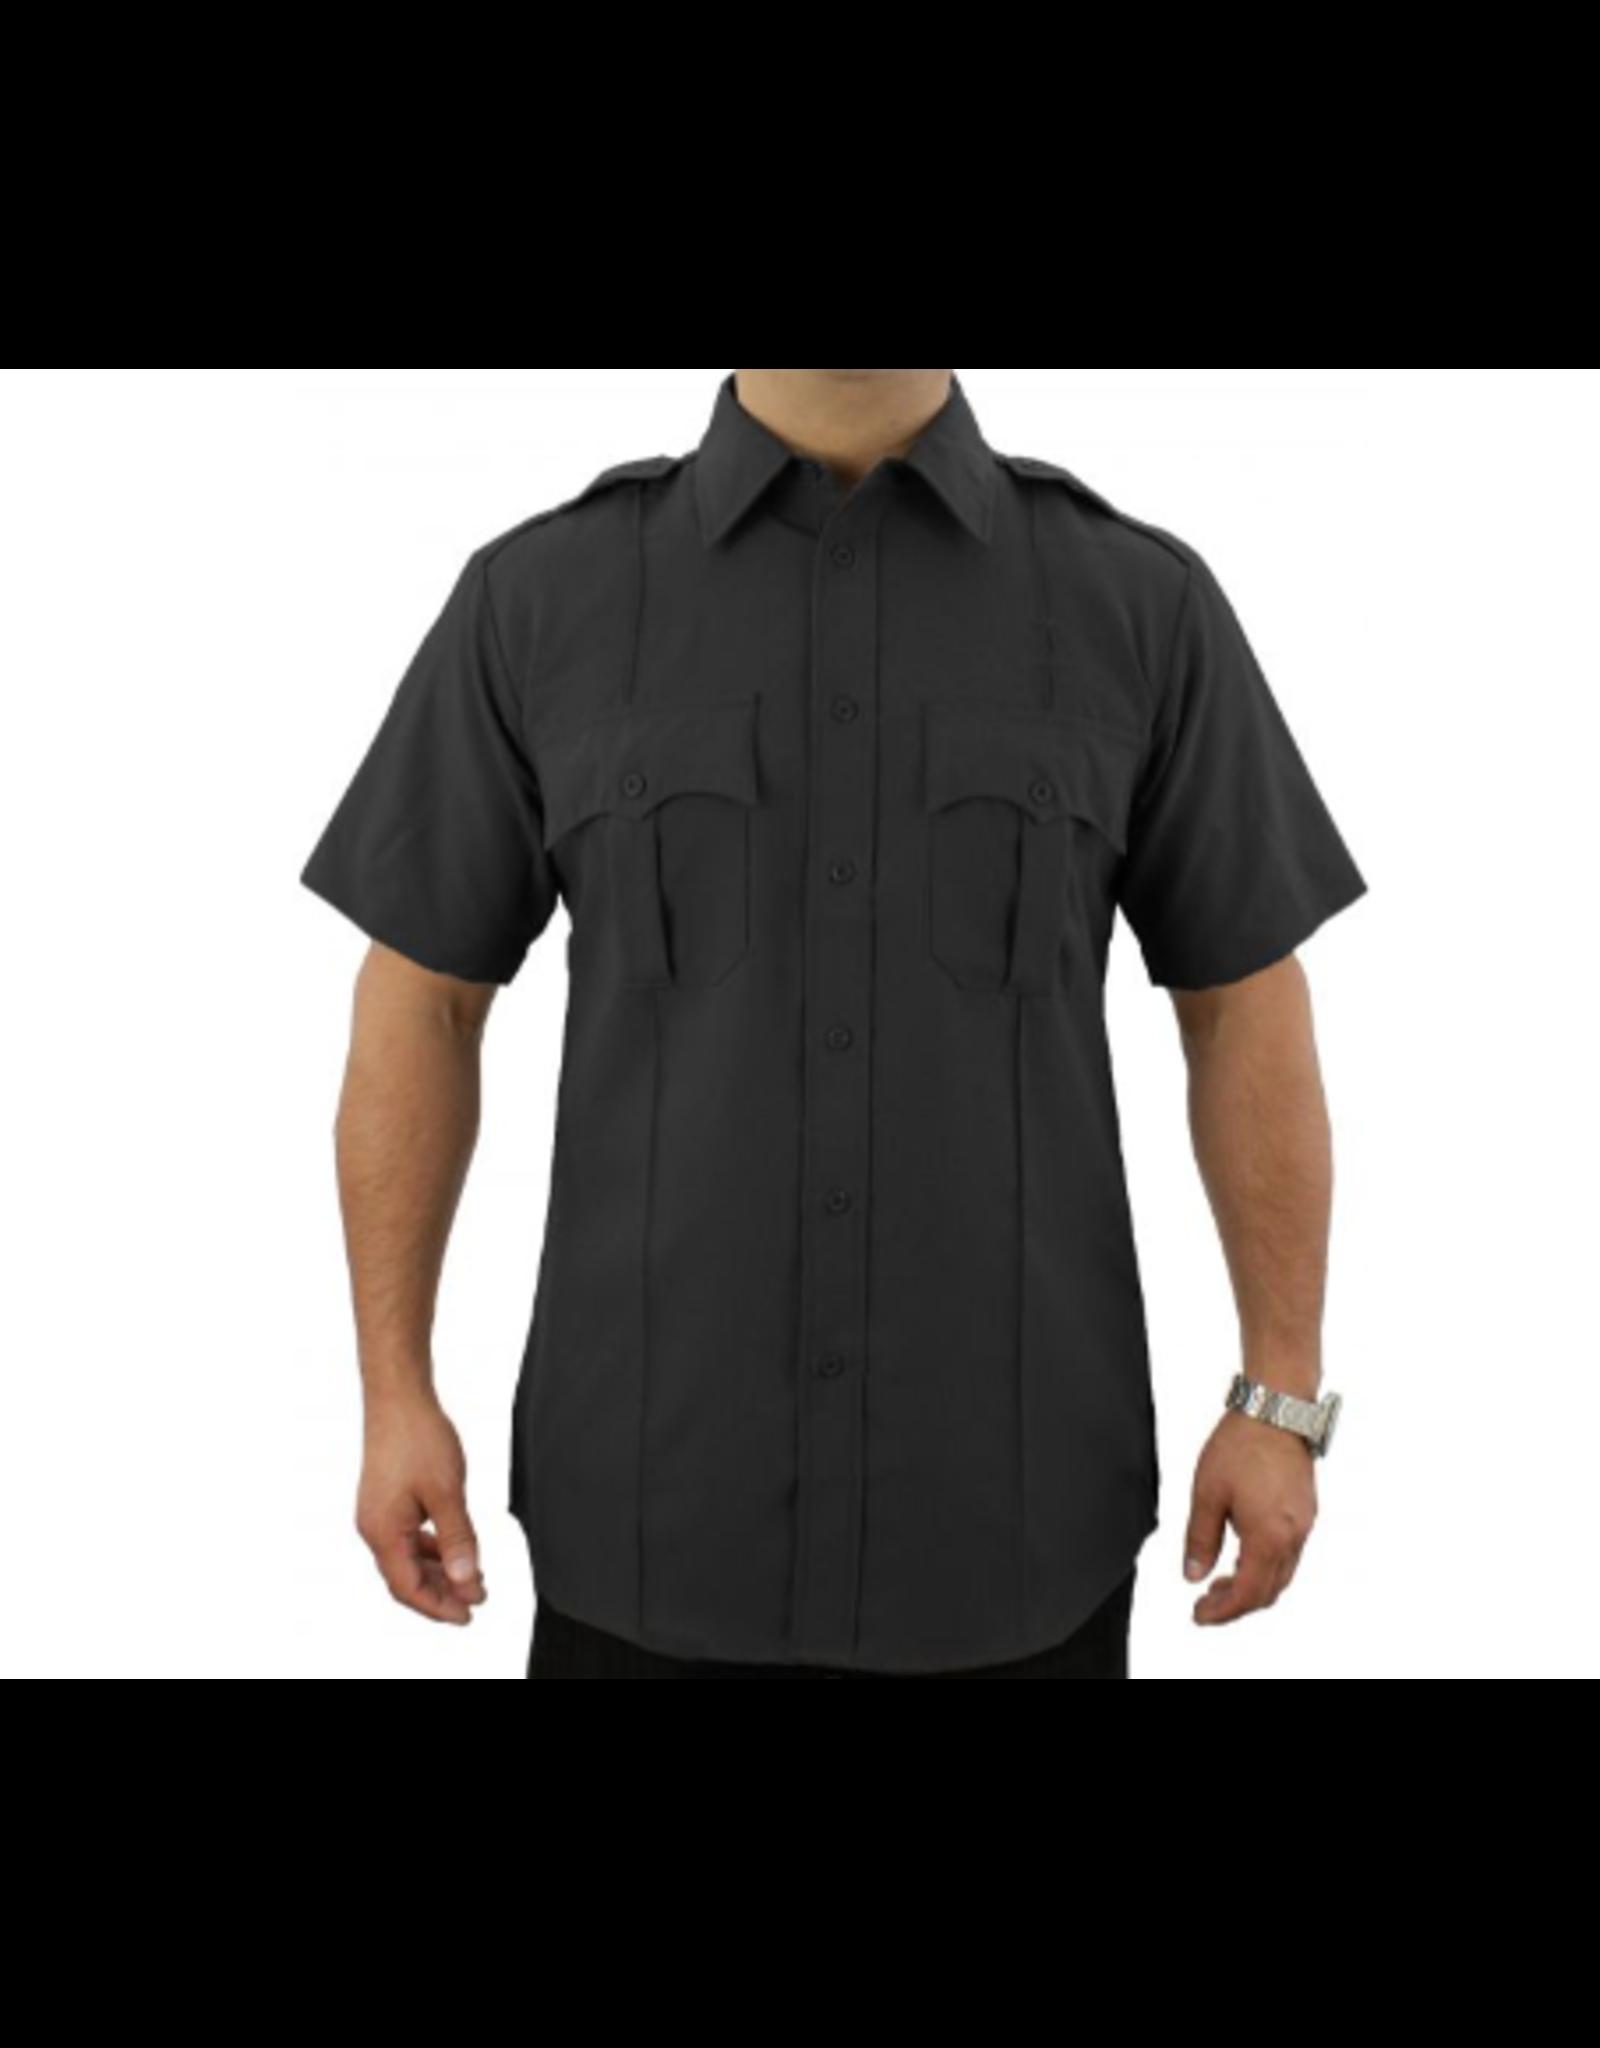 First Class First Class Shirt Black S SS